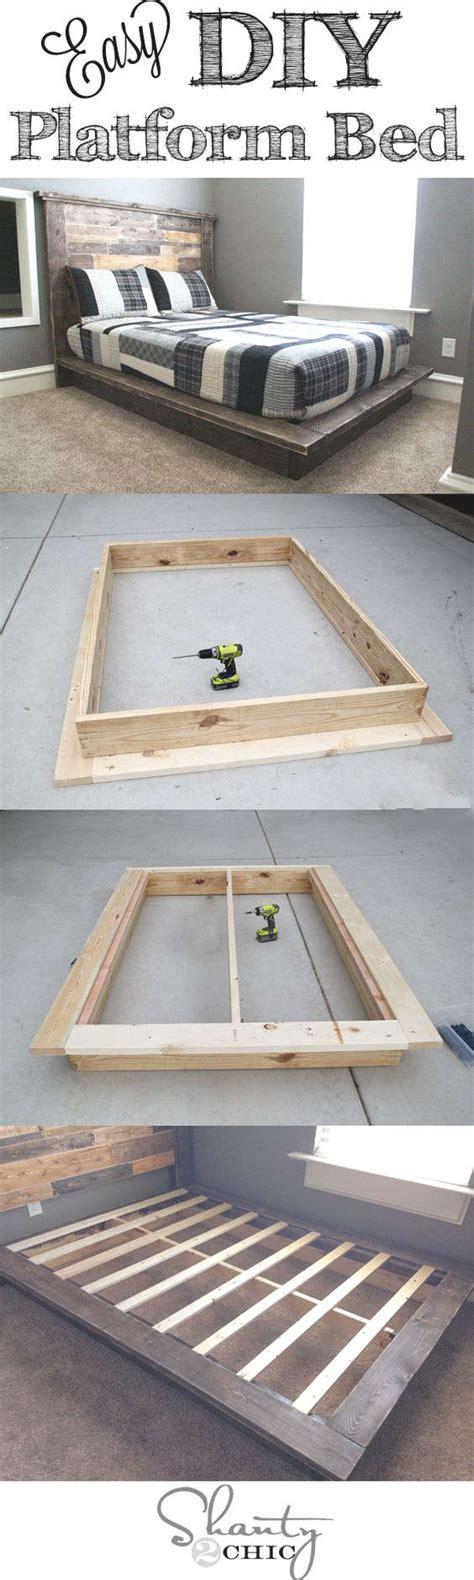 diy home craft ideen diy fabriquer un lit plate forme